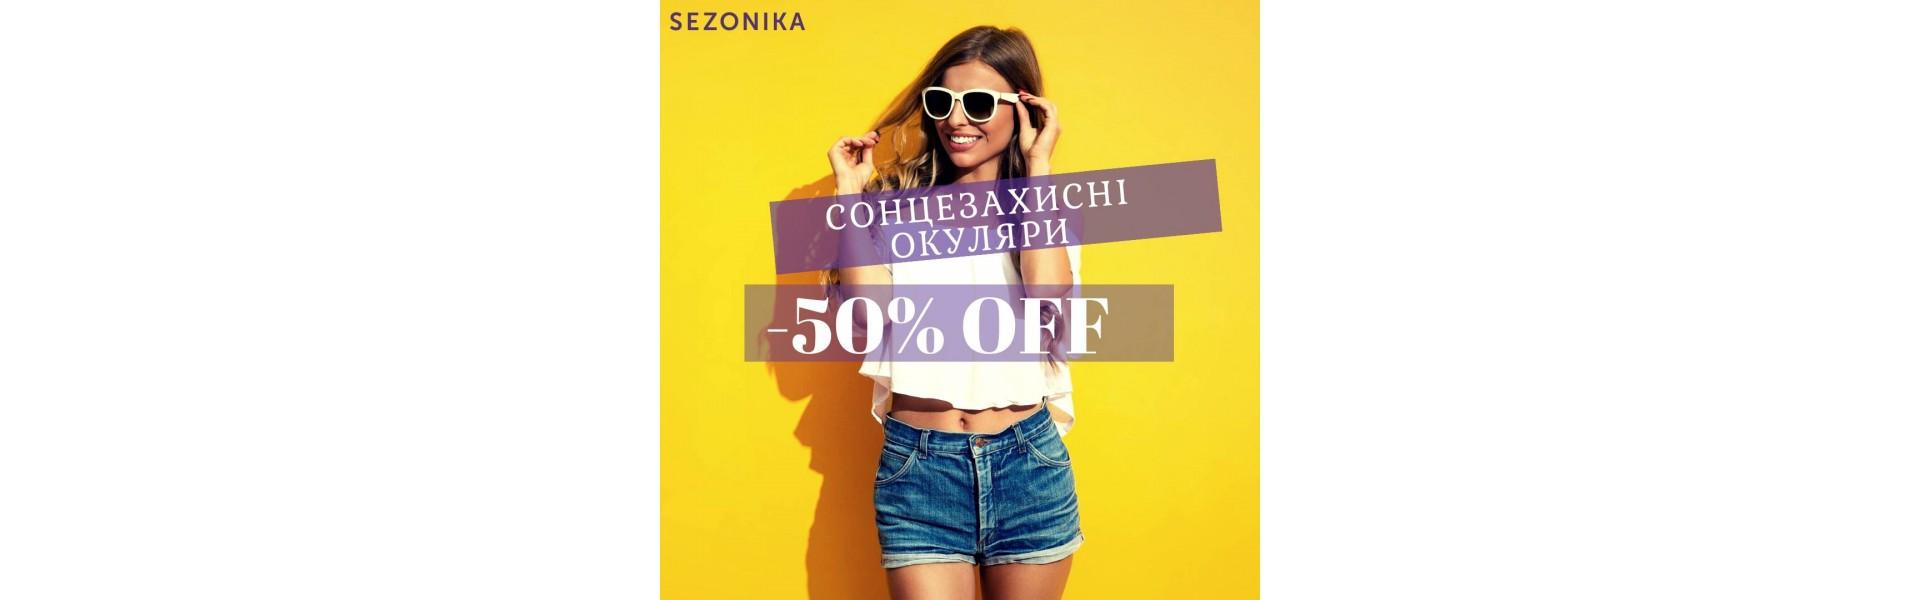 ЗНИЖКА до 50% на сонцезахисні окуляри!